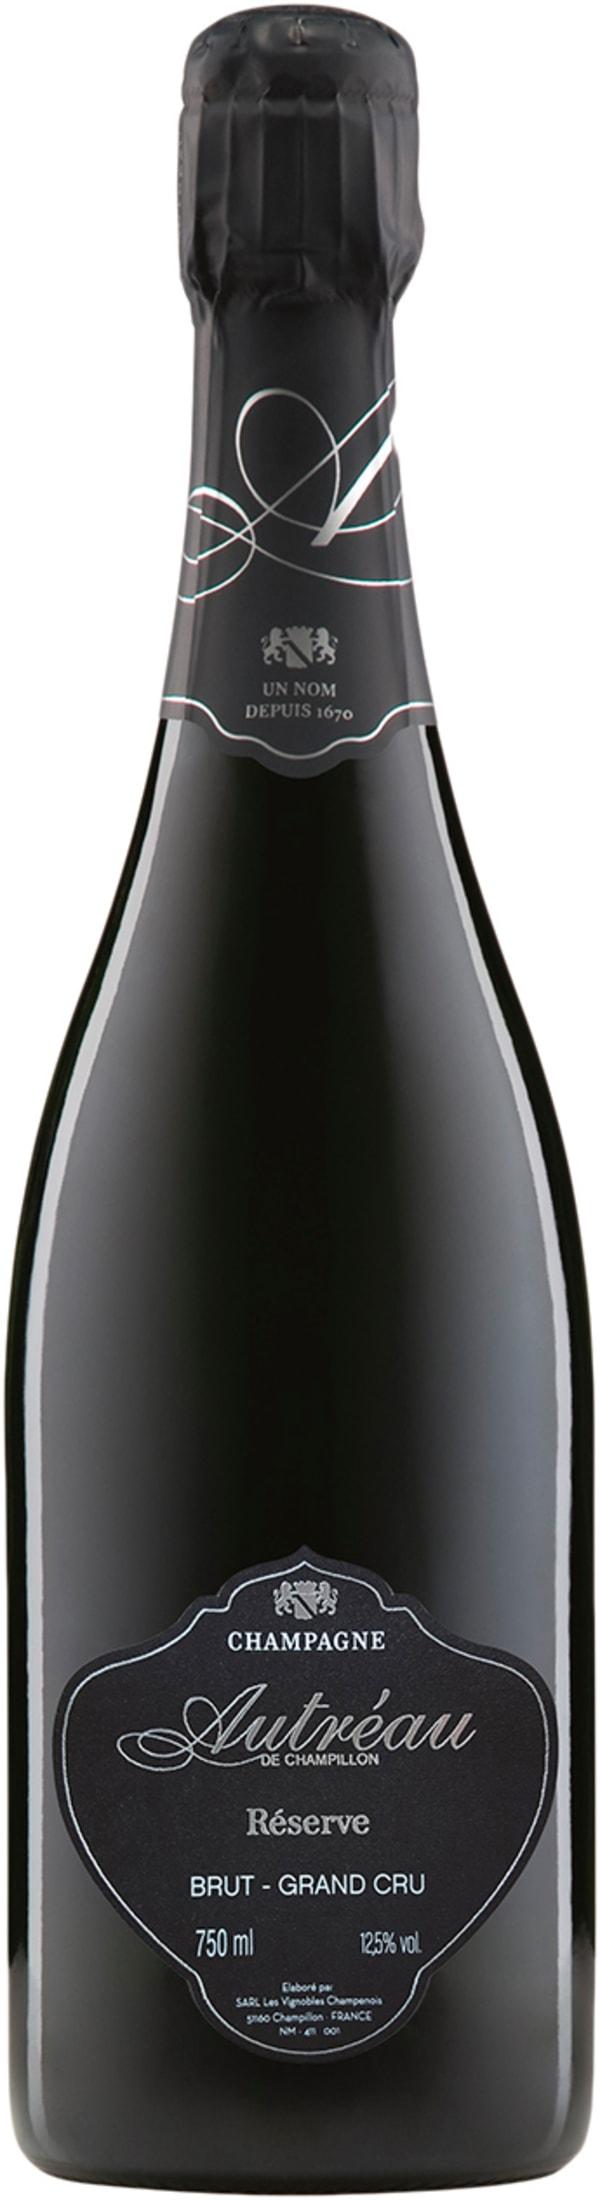 Autréau de Champillon Réserve Grand Cru Champagne Brut